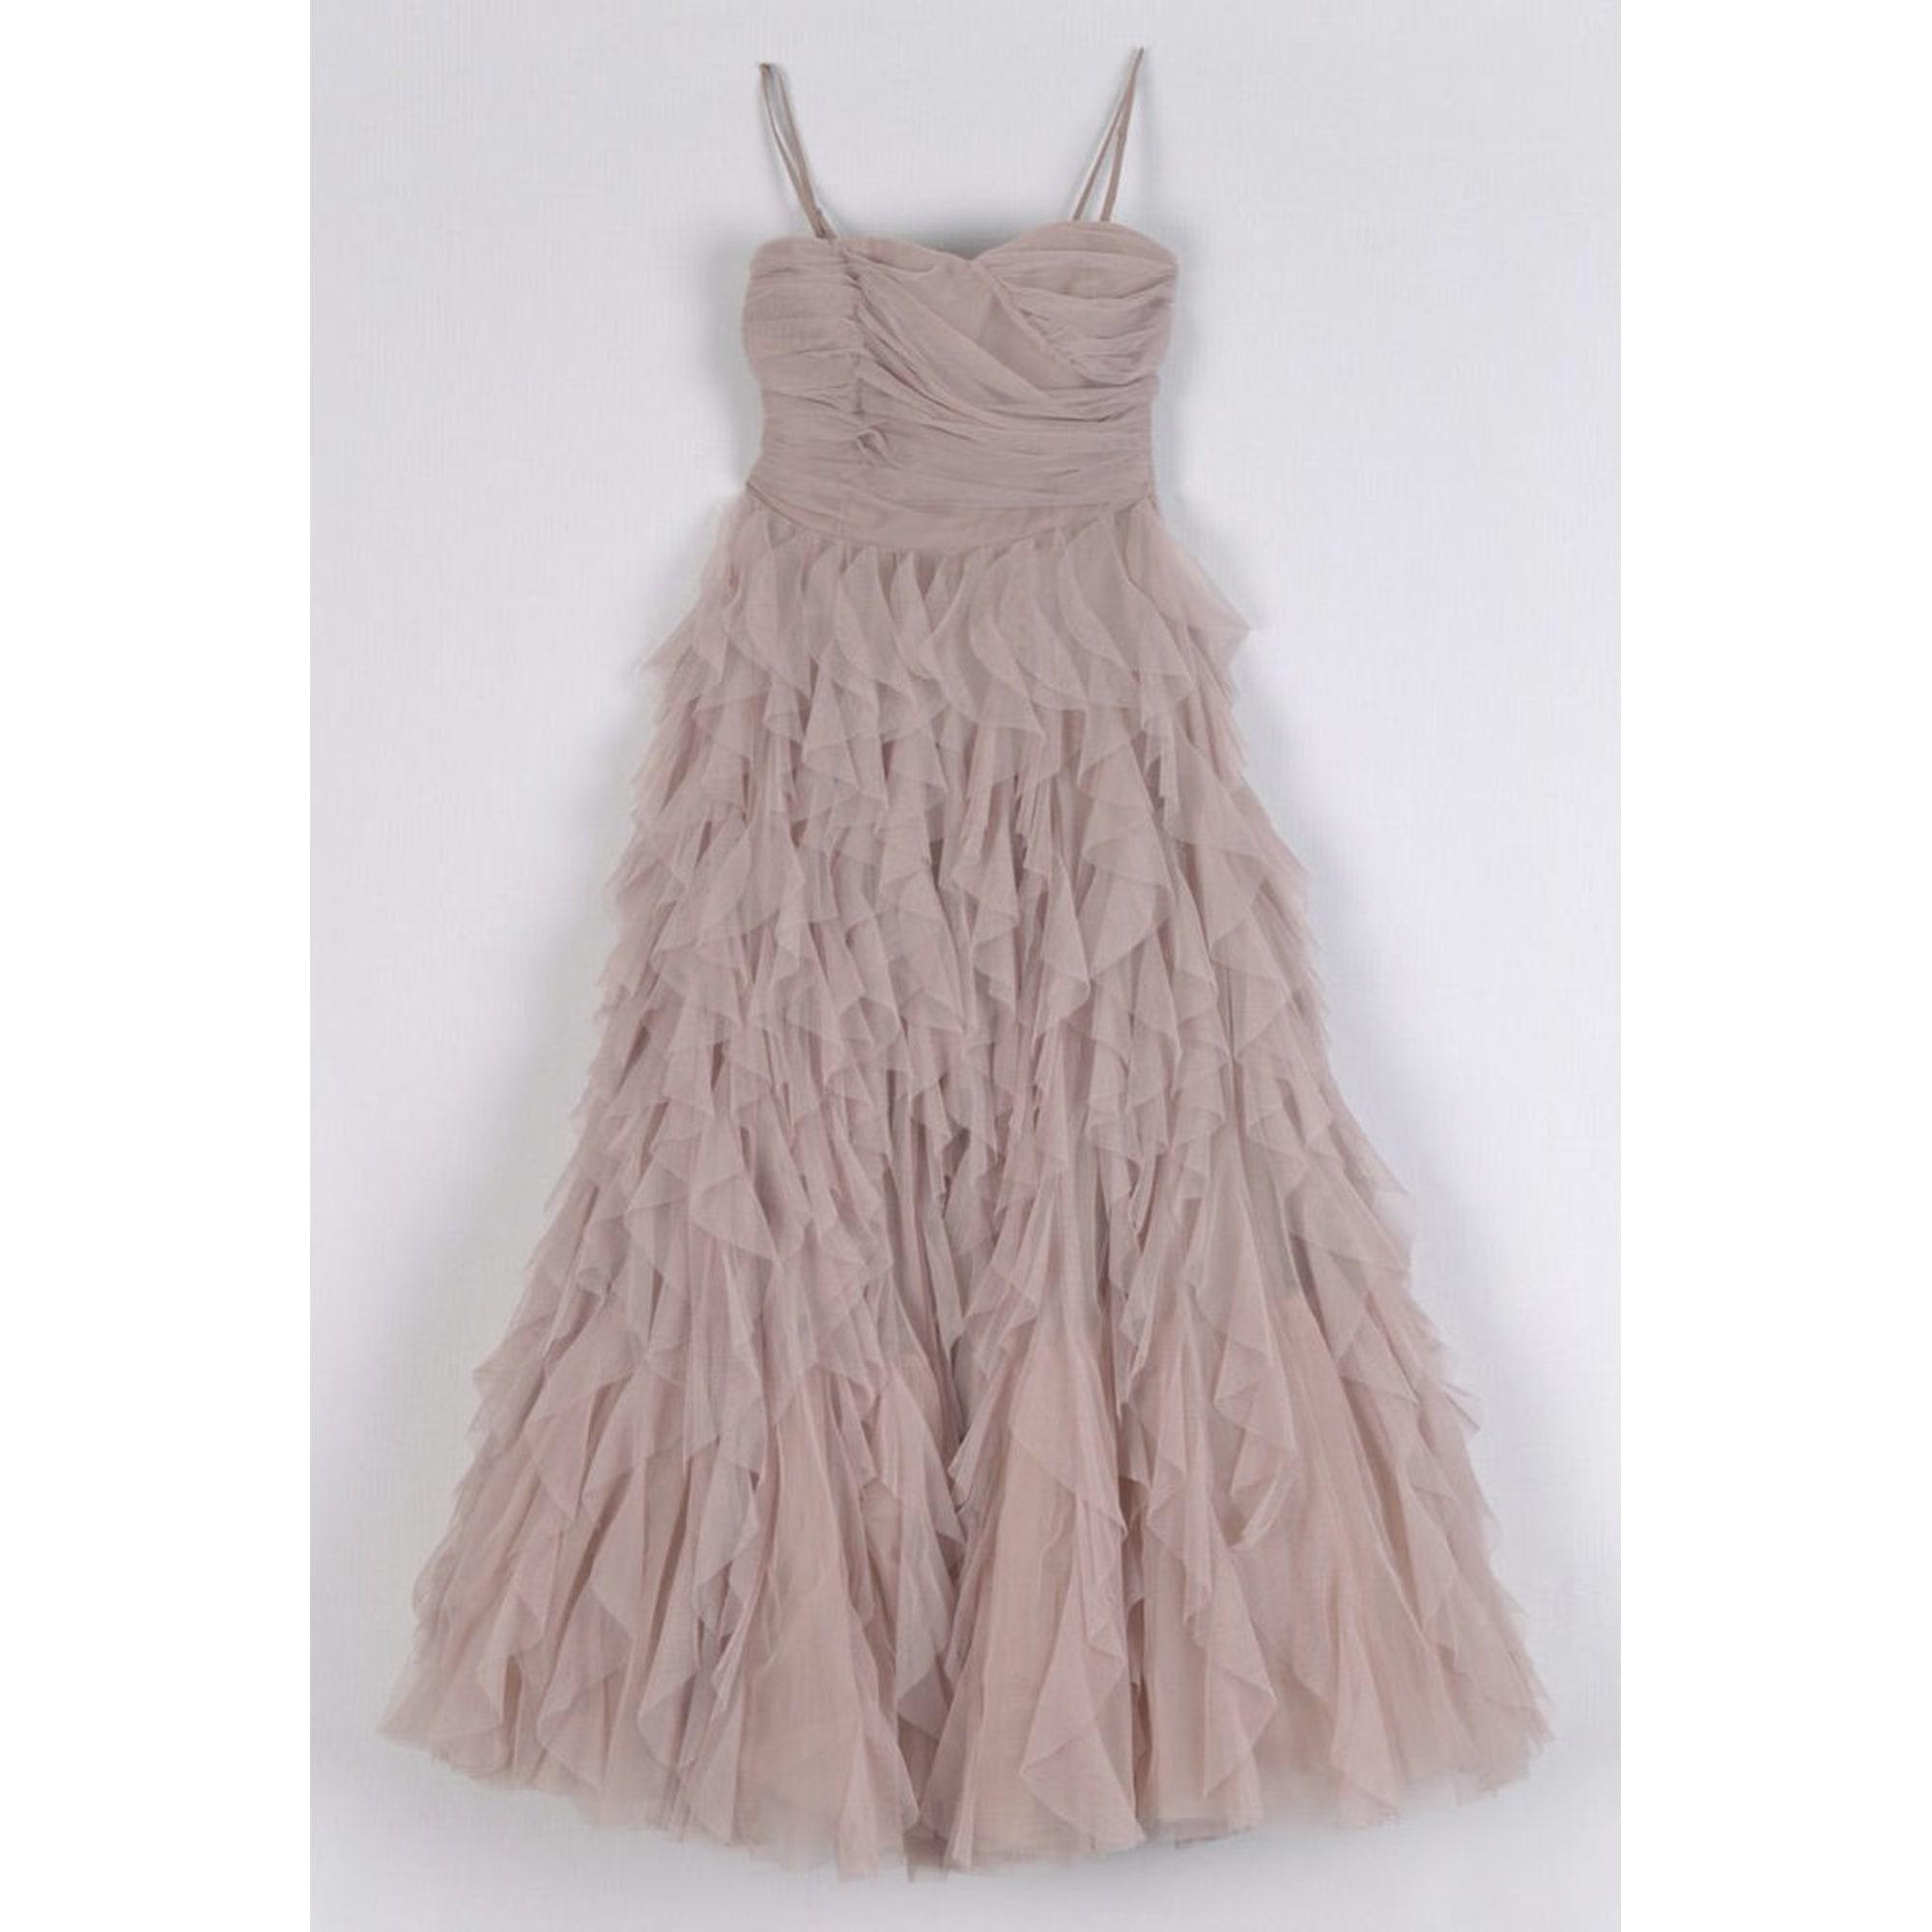 Robe longue NAF NAF 36 (S, T1) rose vendu par Shopname19053 - 326350 a867ecc342c4